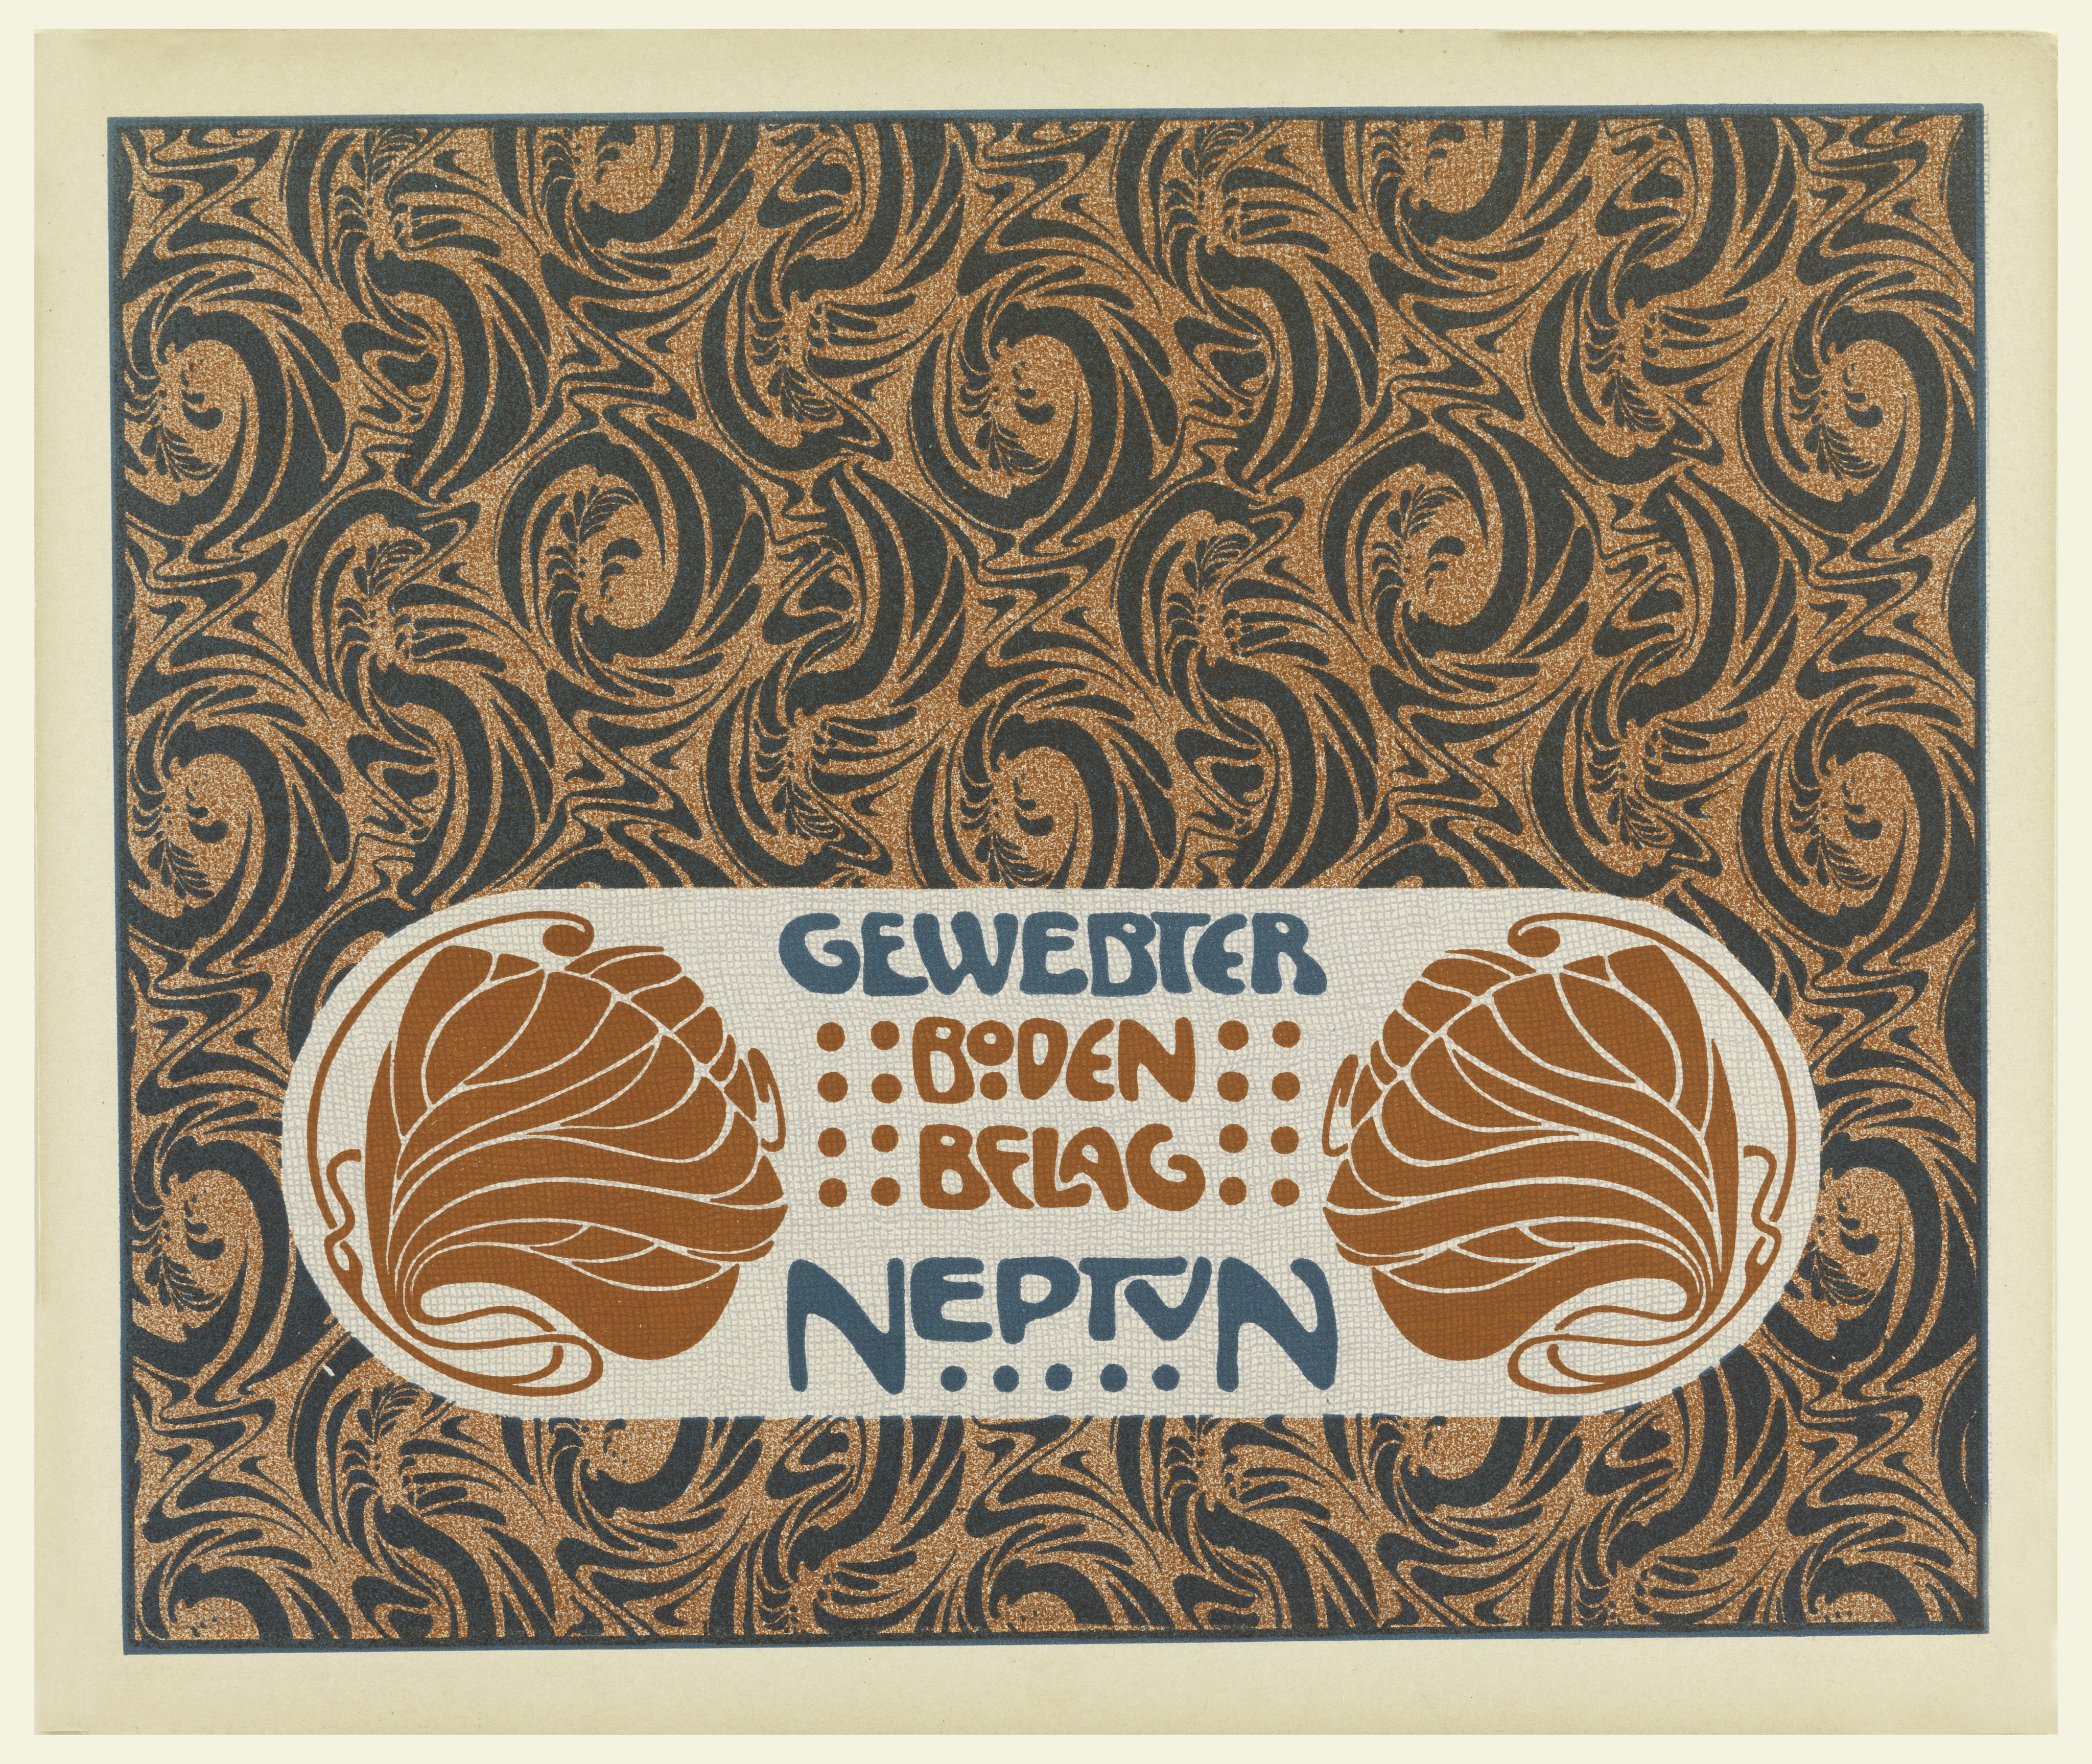 file print gewebter boden belag neptun neptune woven floor